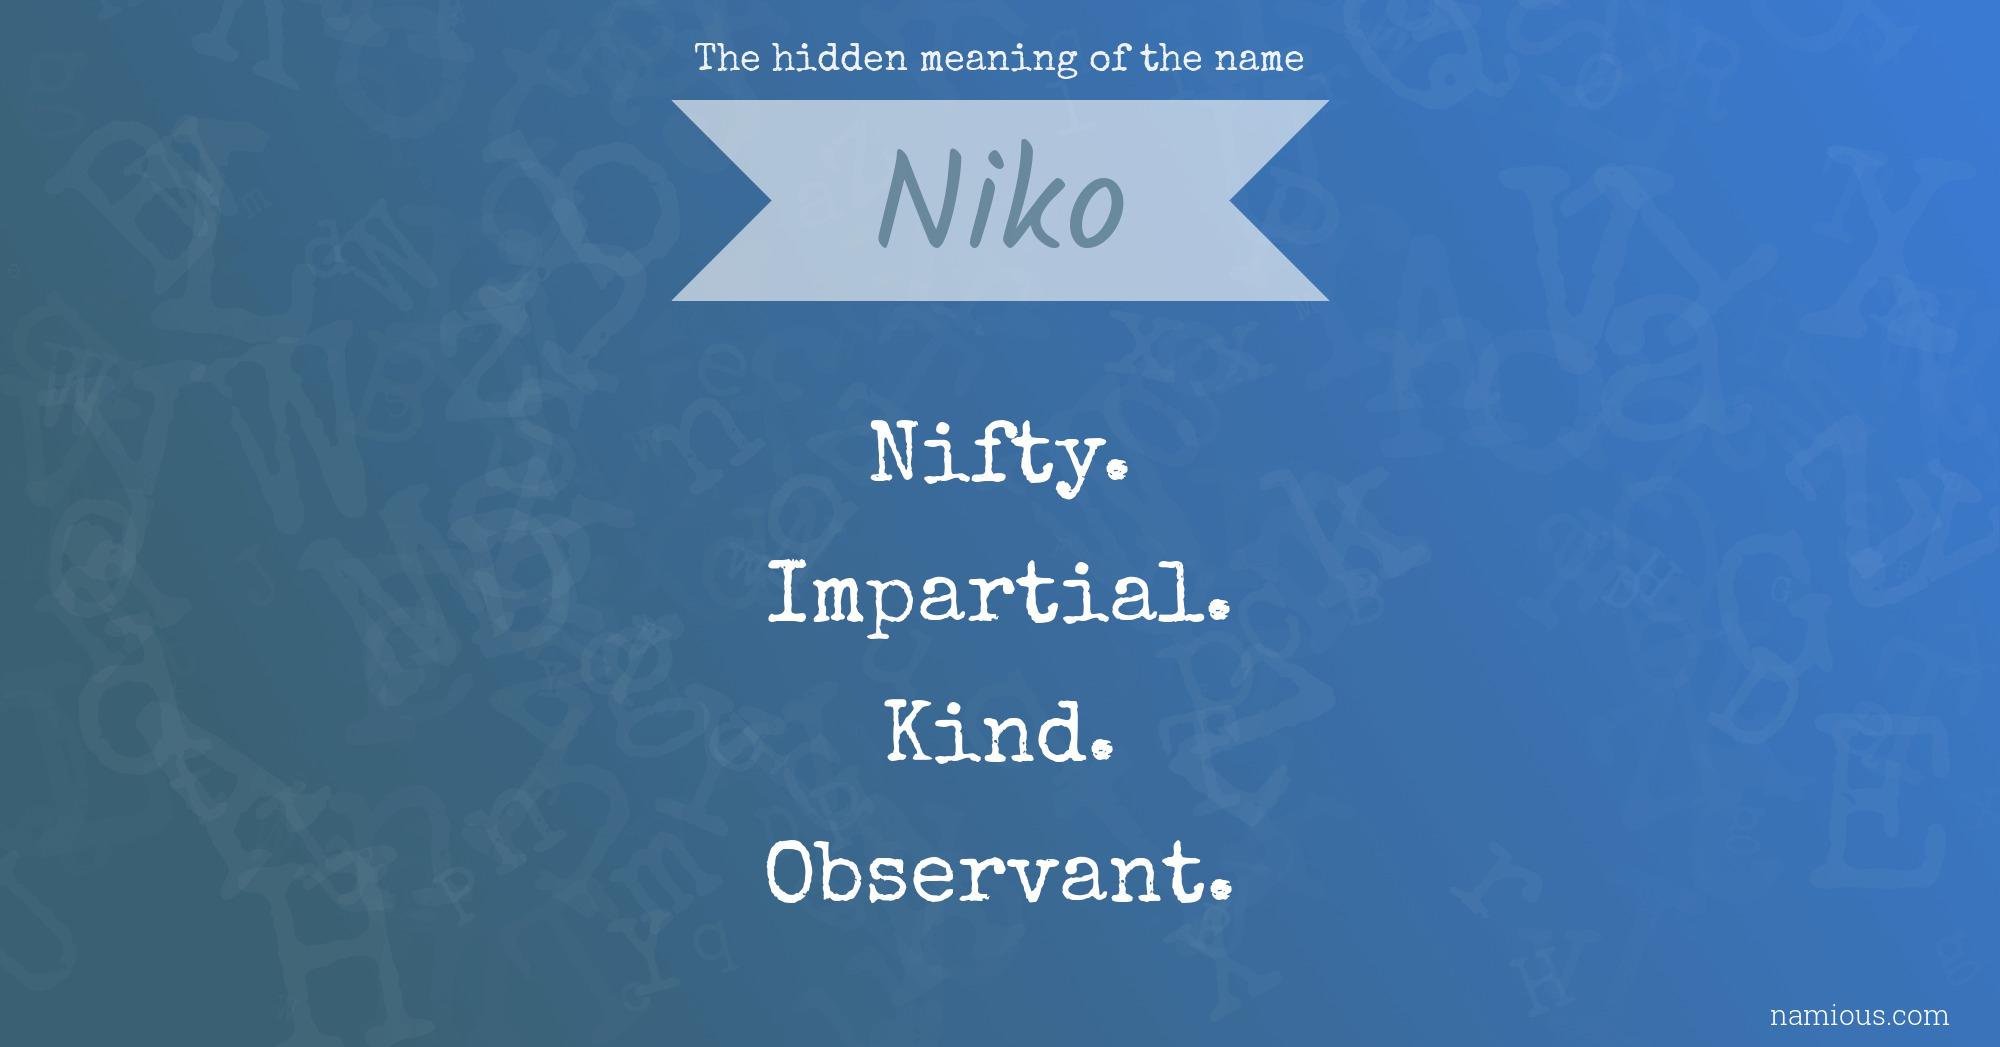 Admisión Activo Cereza  The hidden meaning of the name Niko   Namious